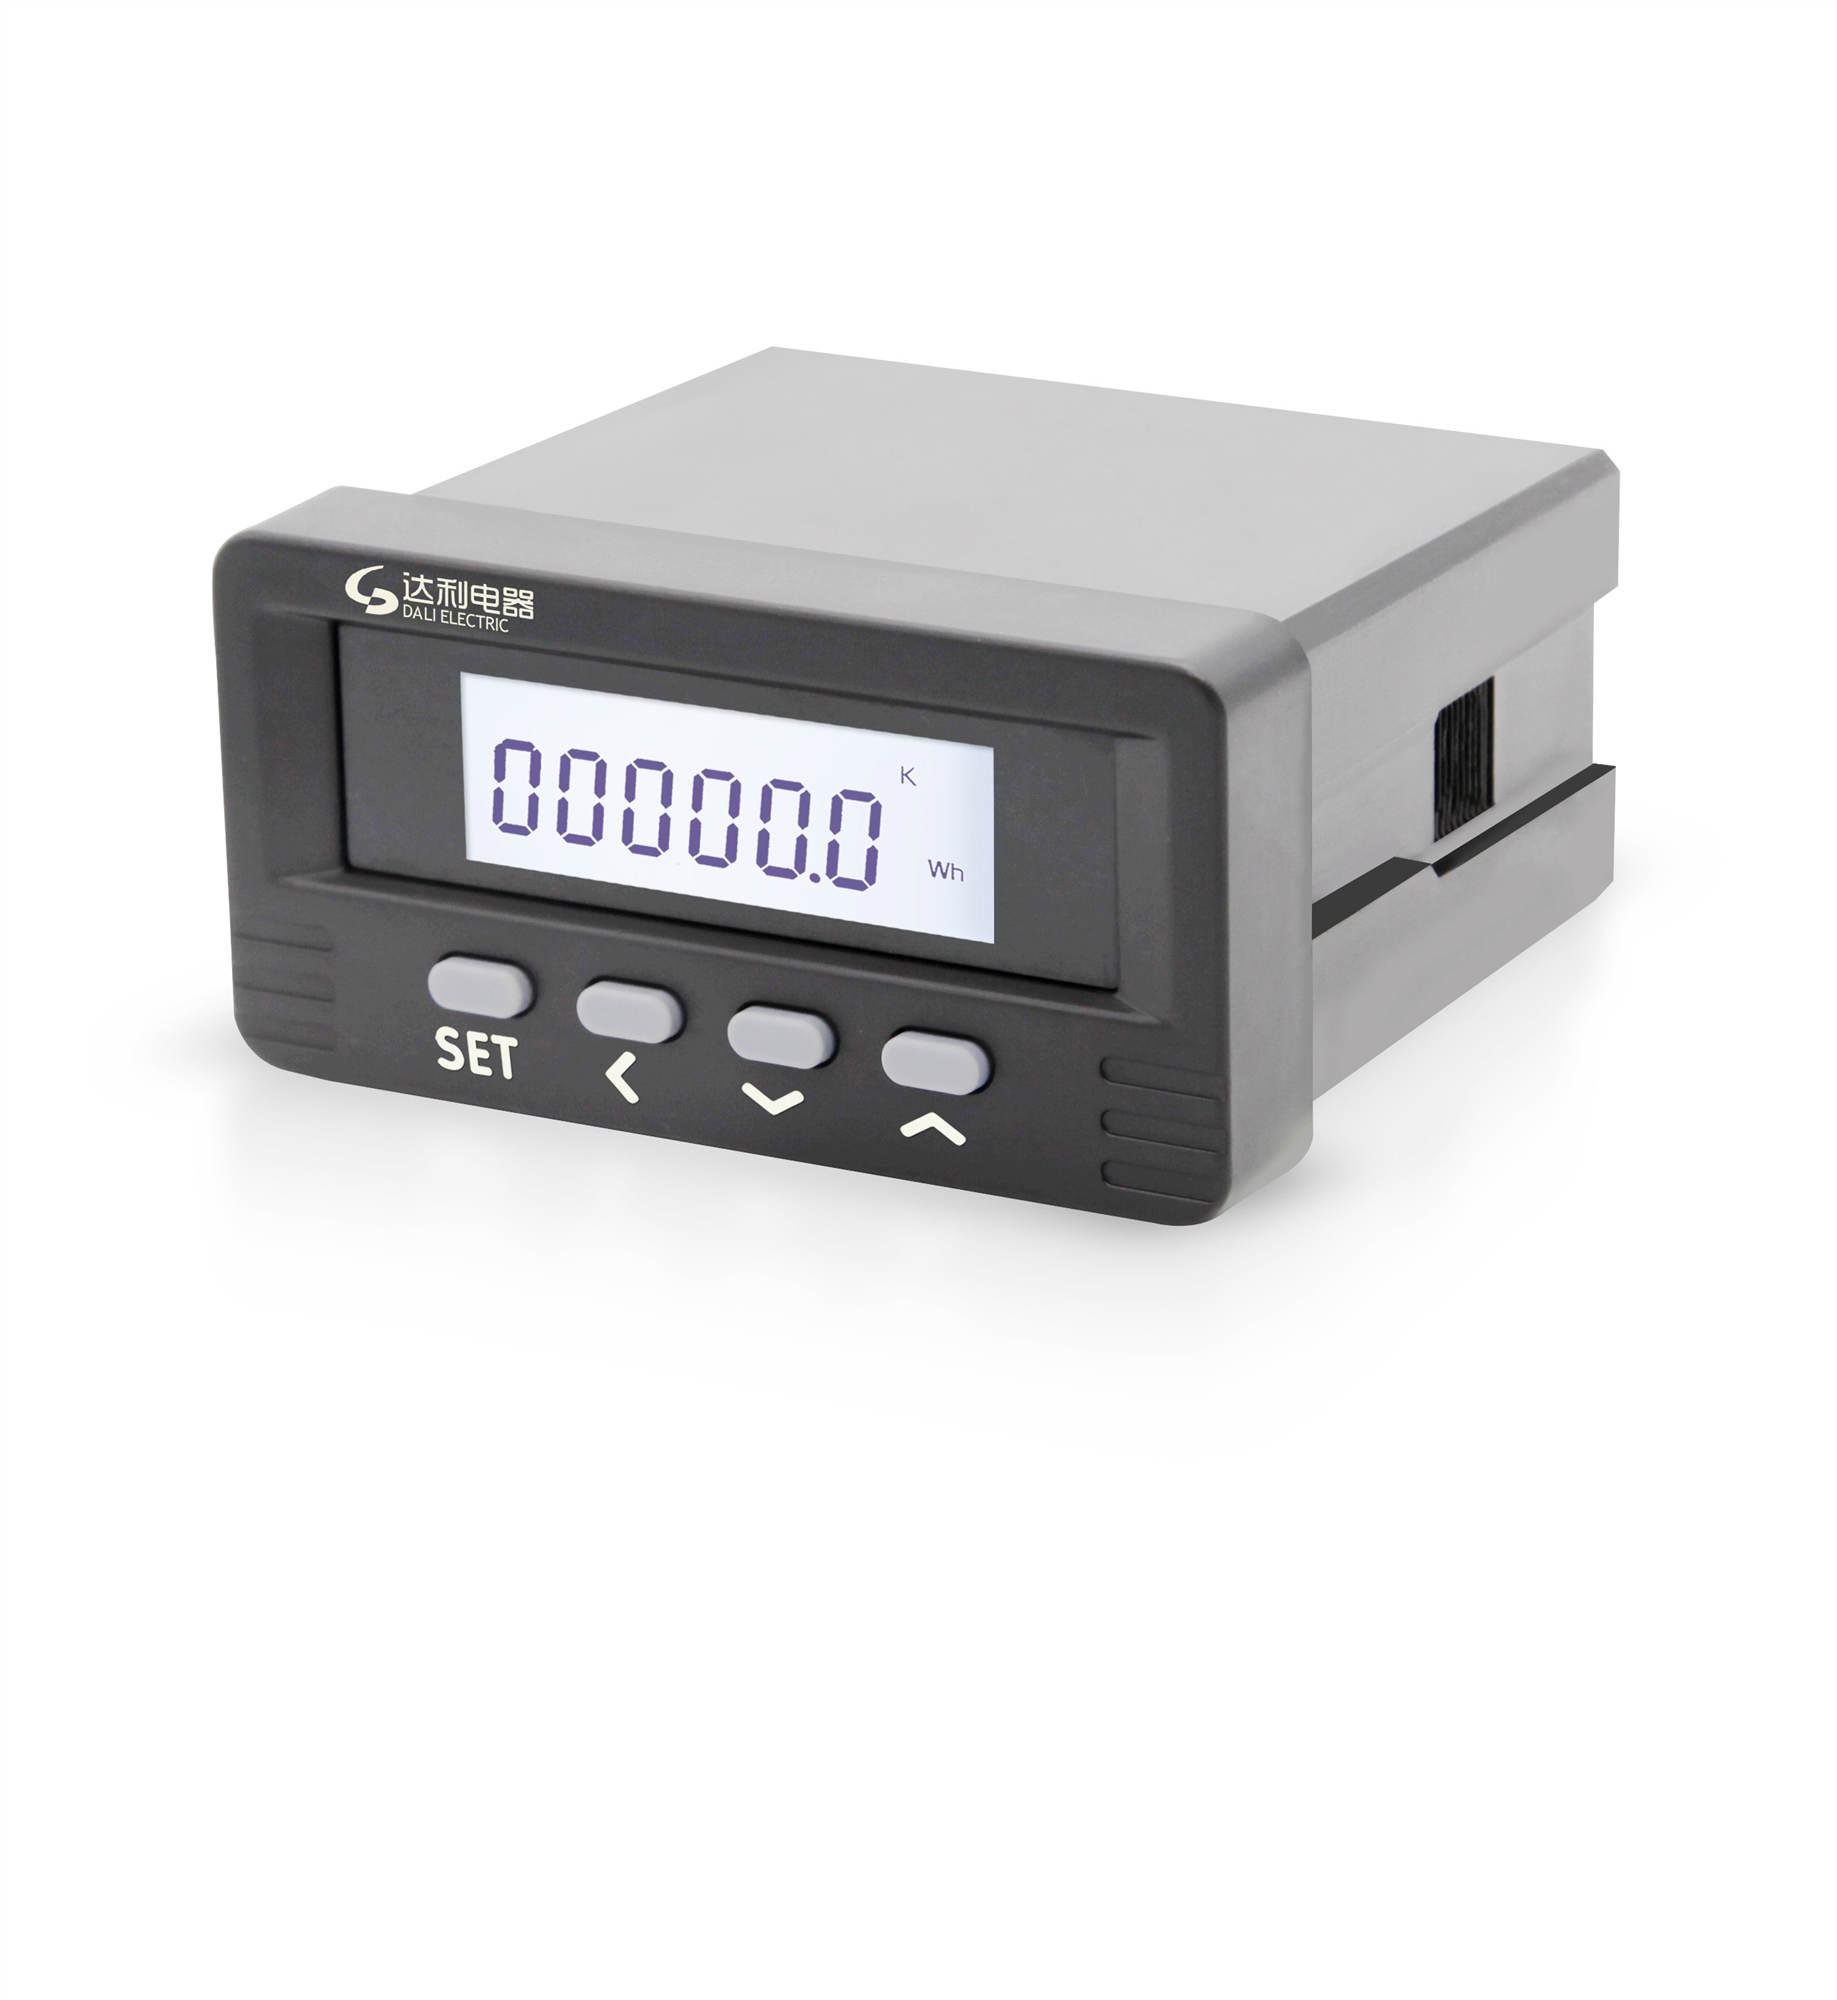 宁德古田HXWP-WDL-W11-1 单相有功功率变送器效果好吗?